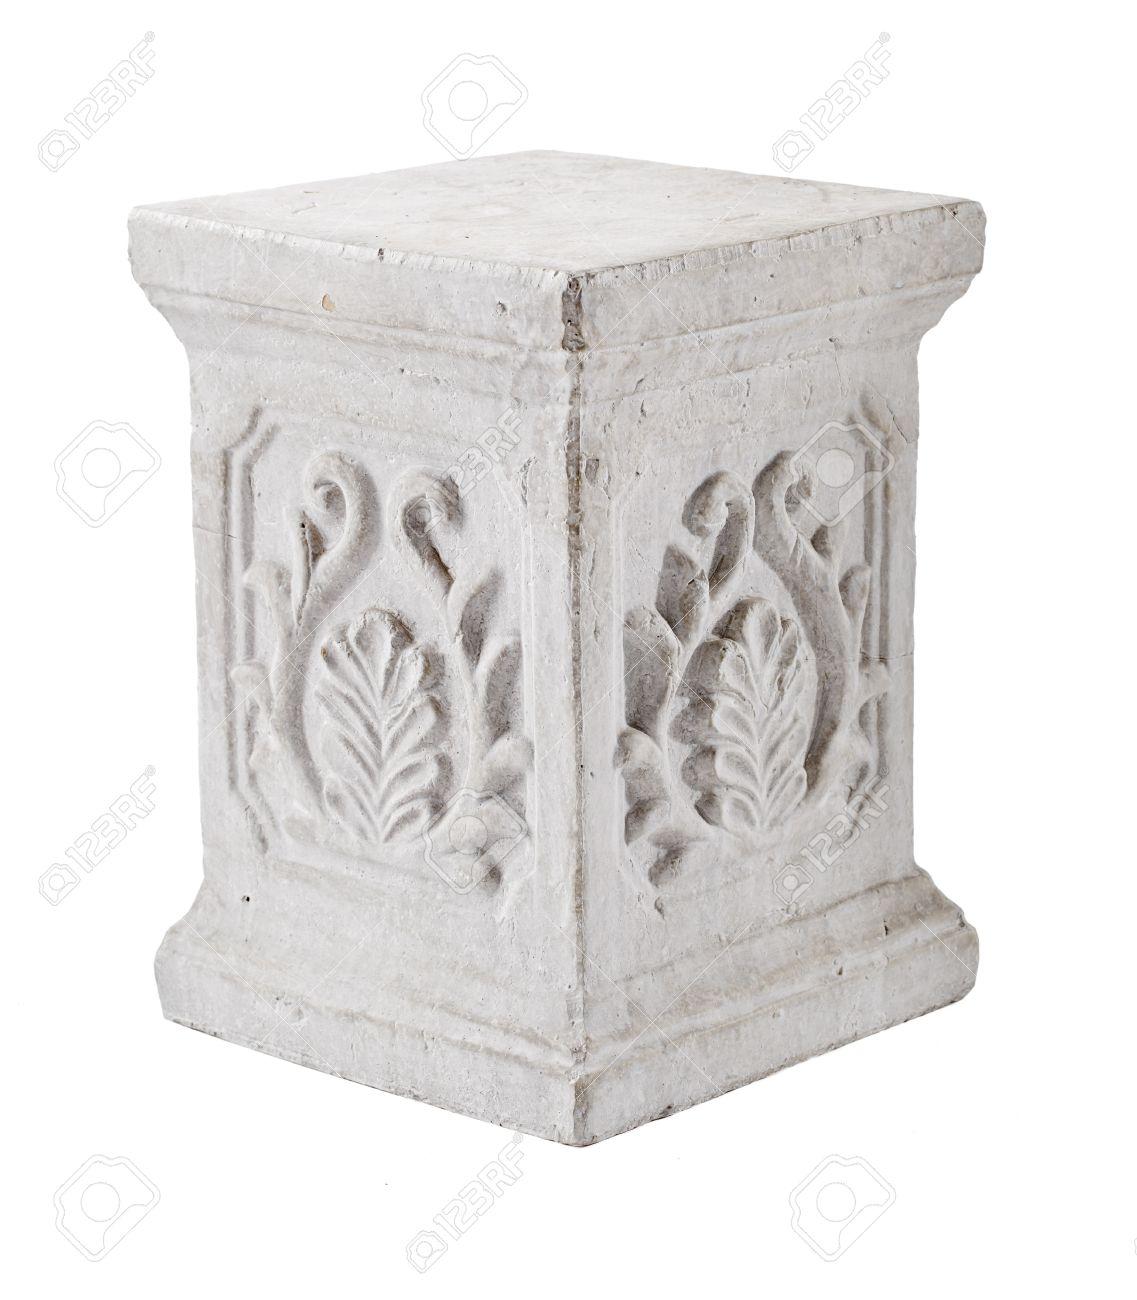 columna de los pilares de yeso decorativo aislado en blanco foto de archivo